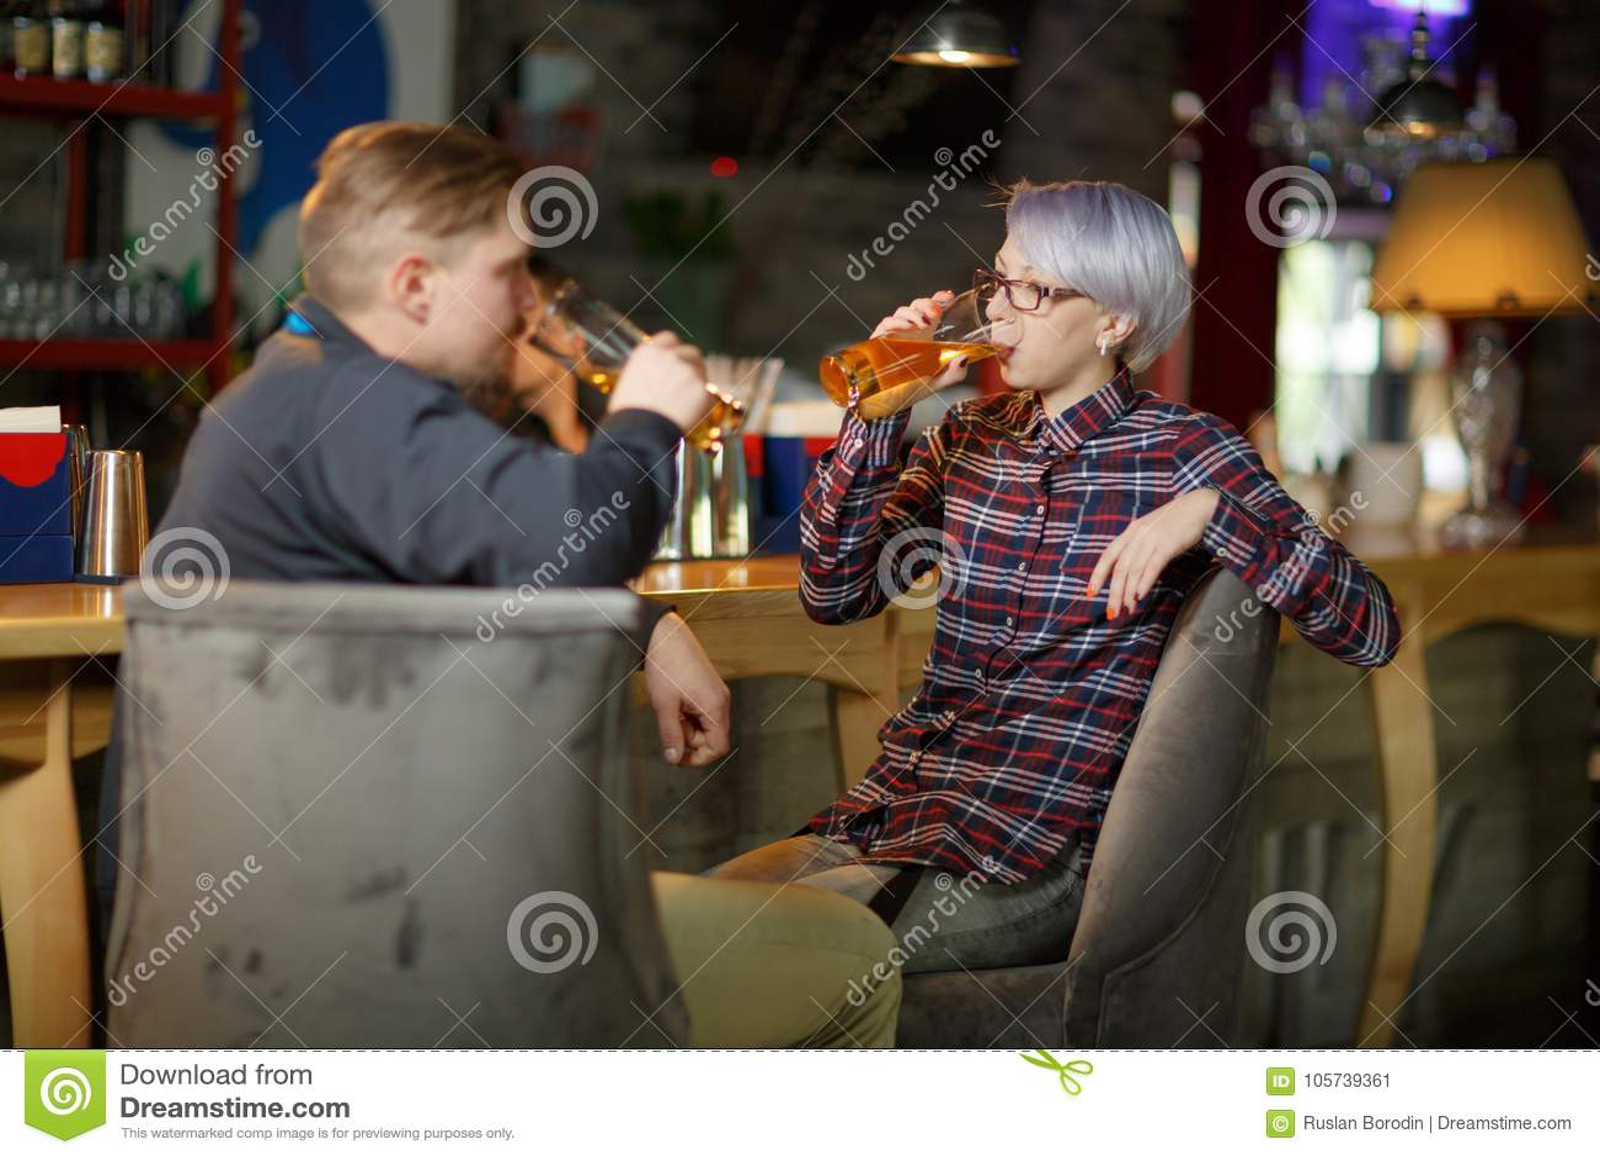 Grabbar och en flicka dricker ölsammanträde i en stång inomhus